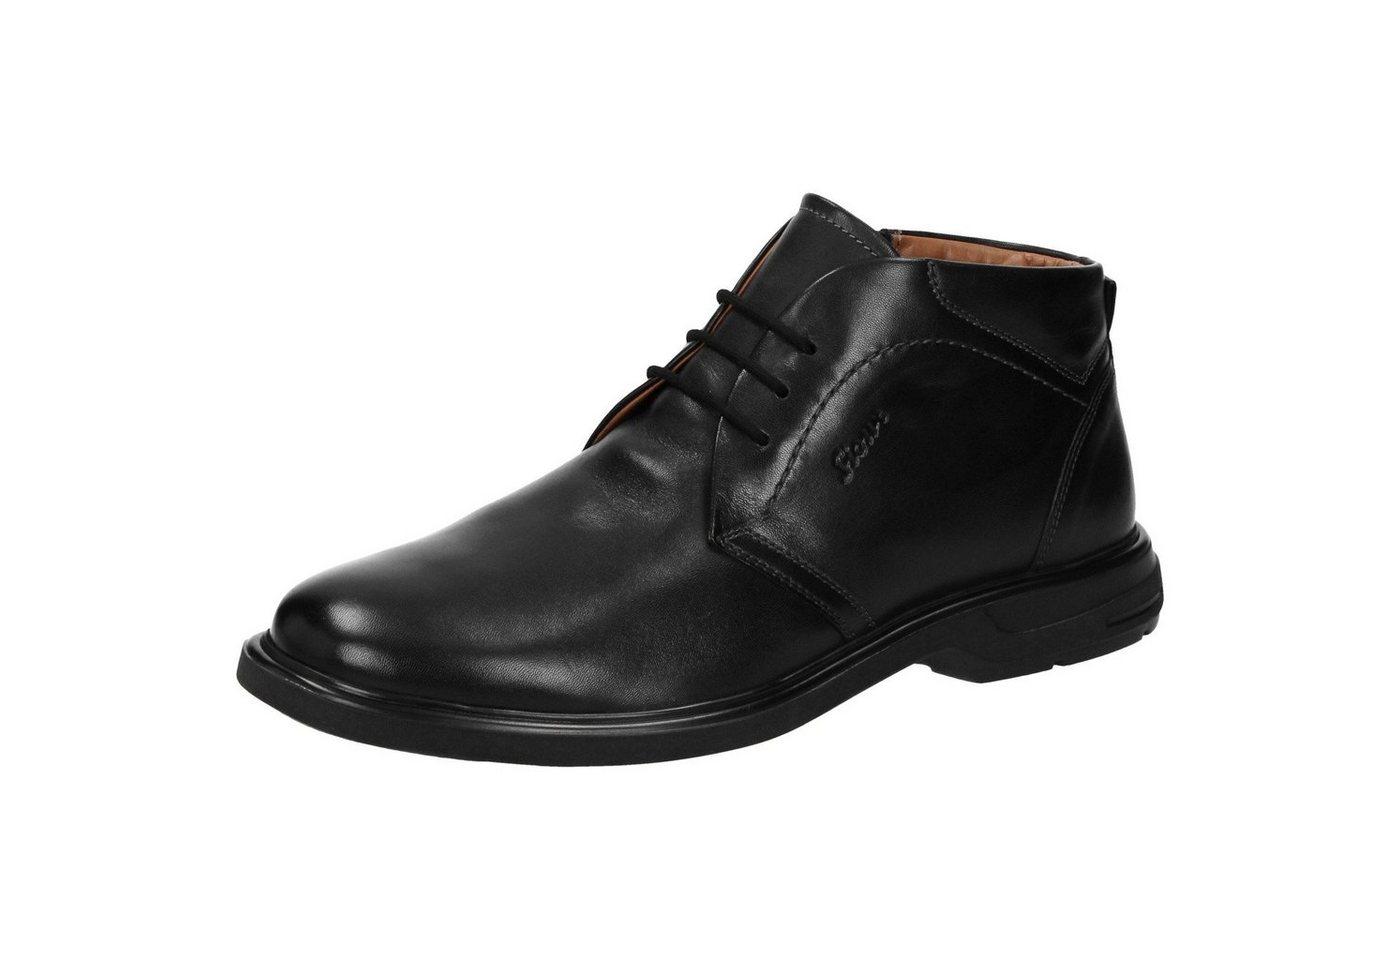 Herren SIOUX Pureto-XL Stiefelette schwarz   04054765313307